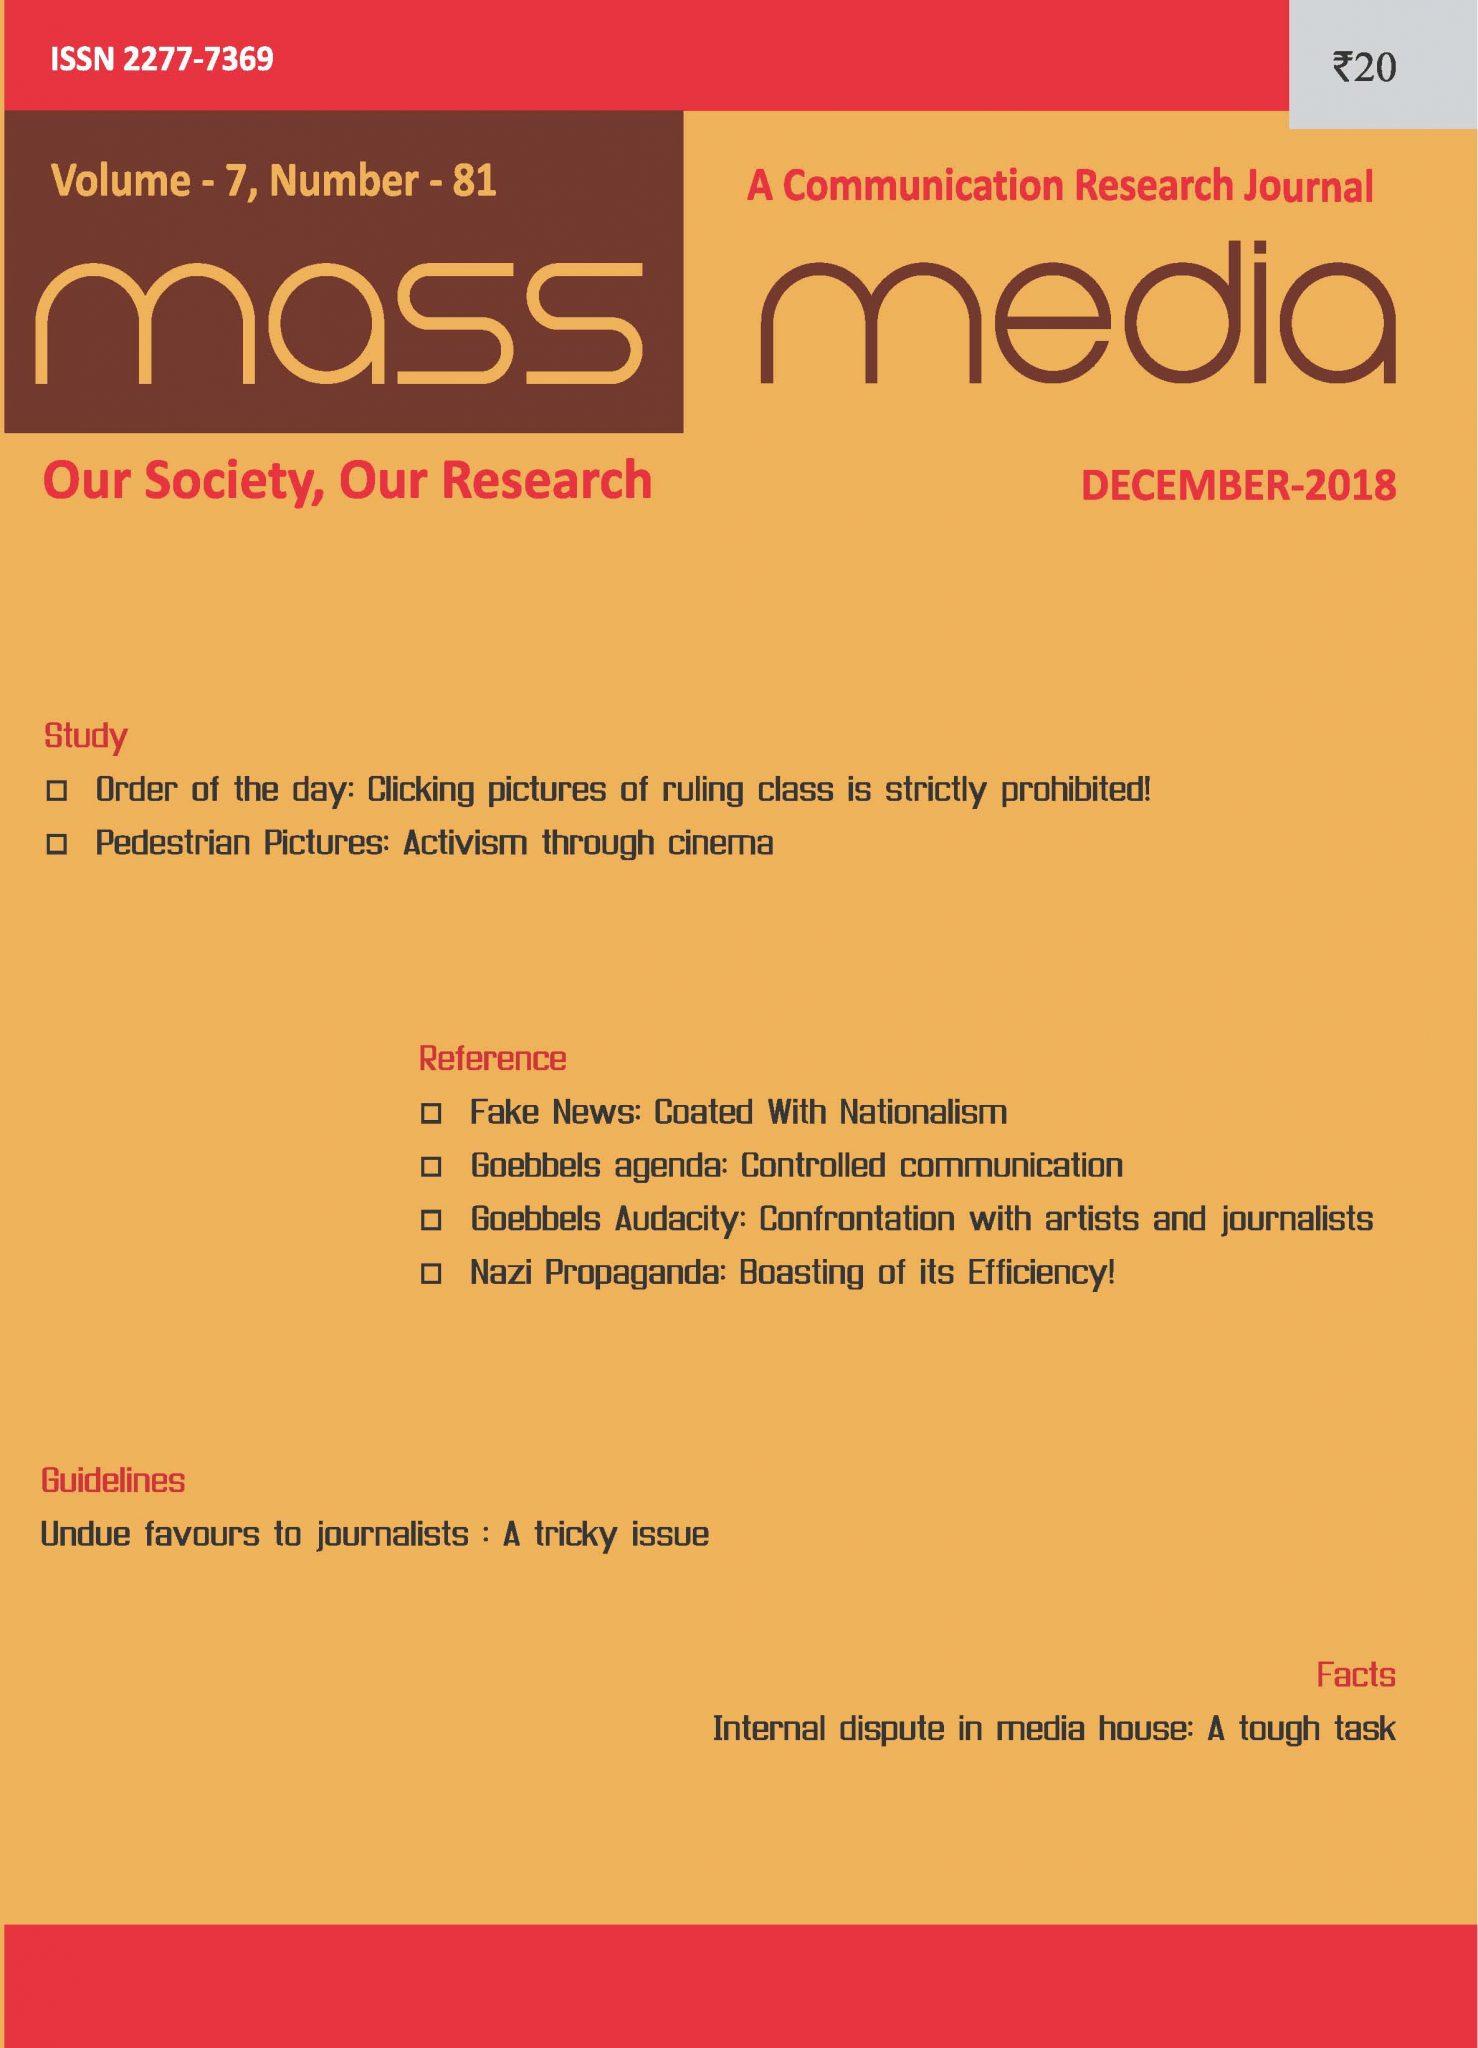 Mass Media (December 2018)